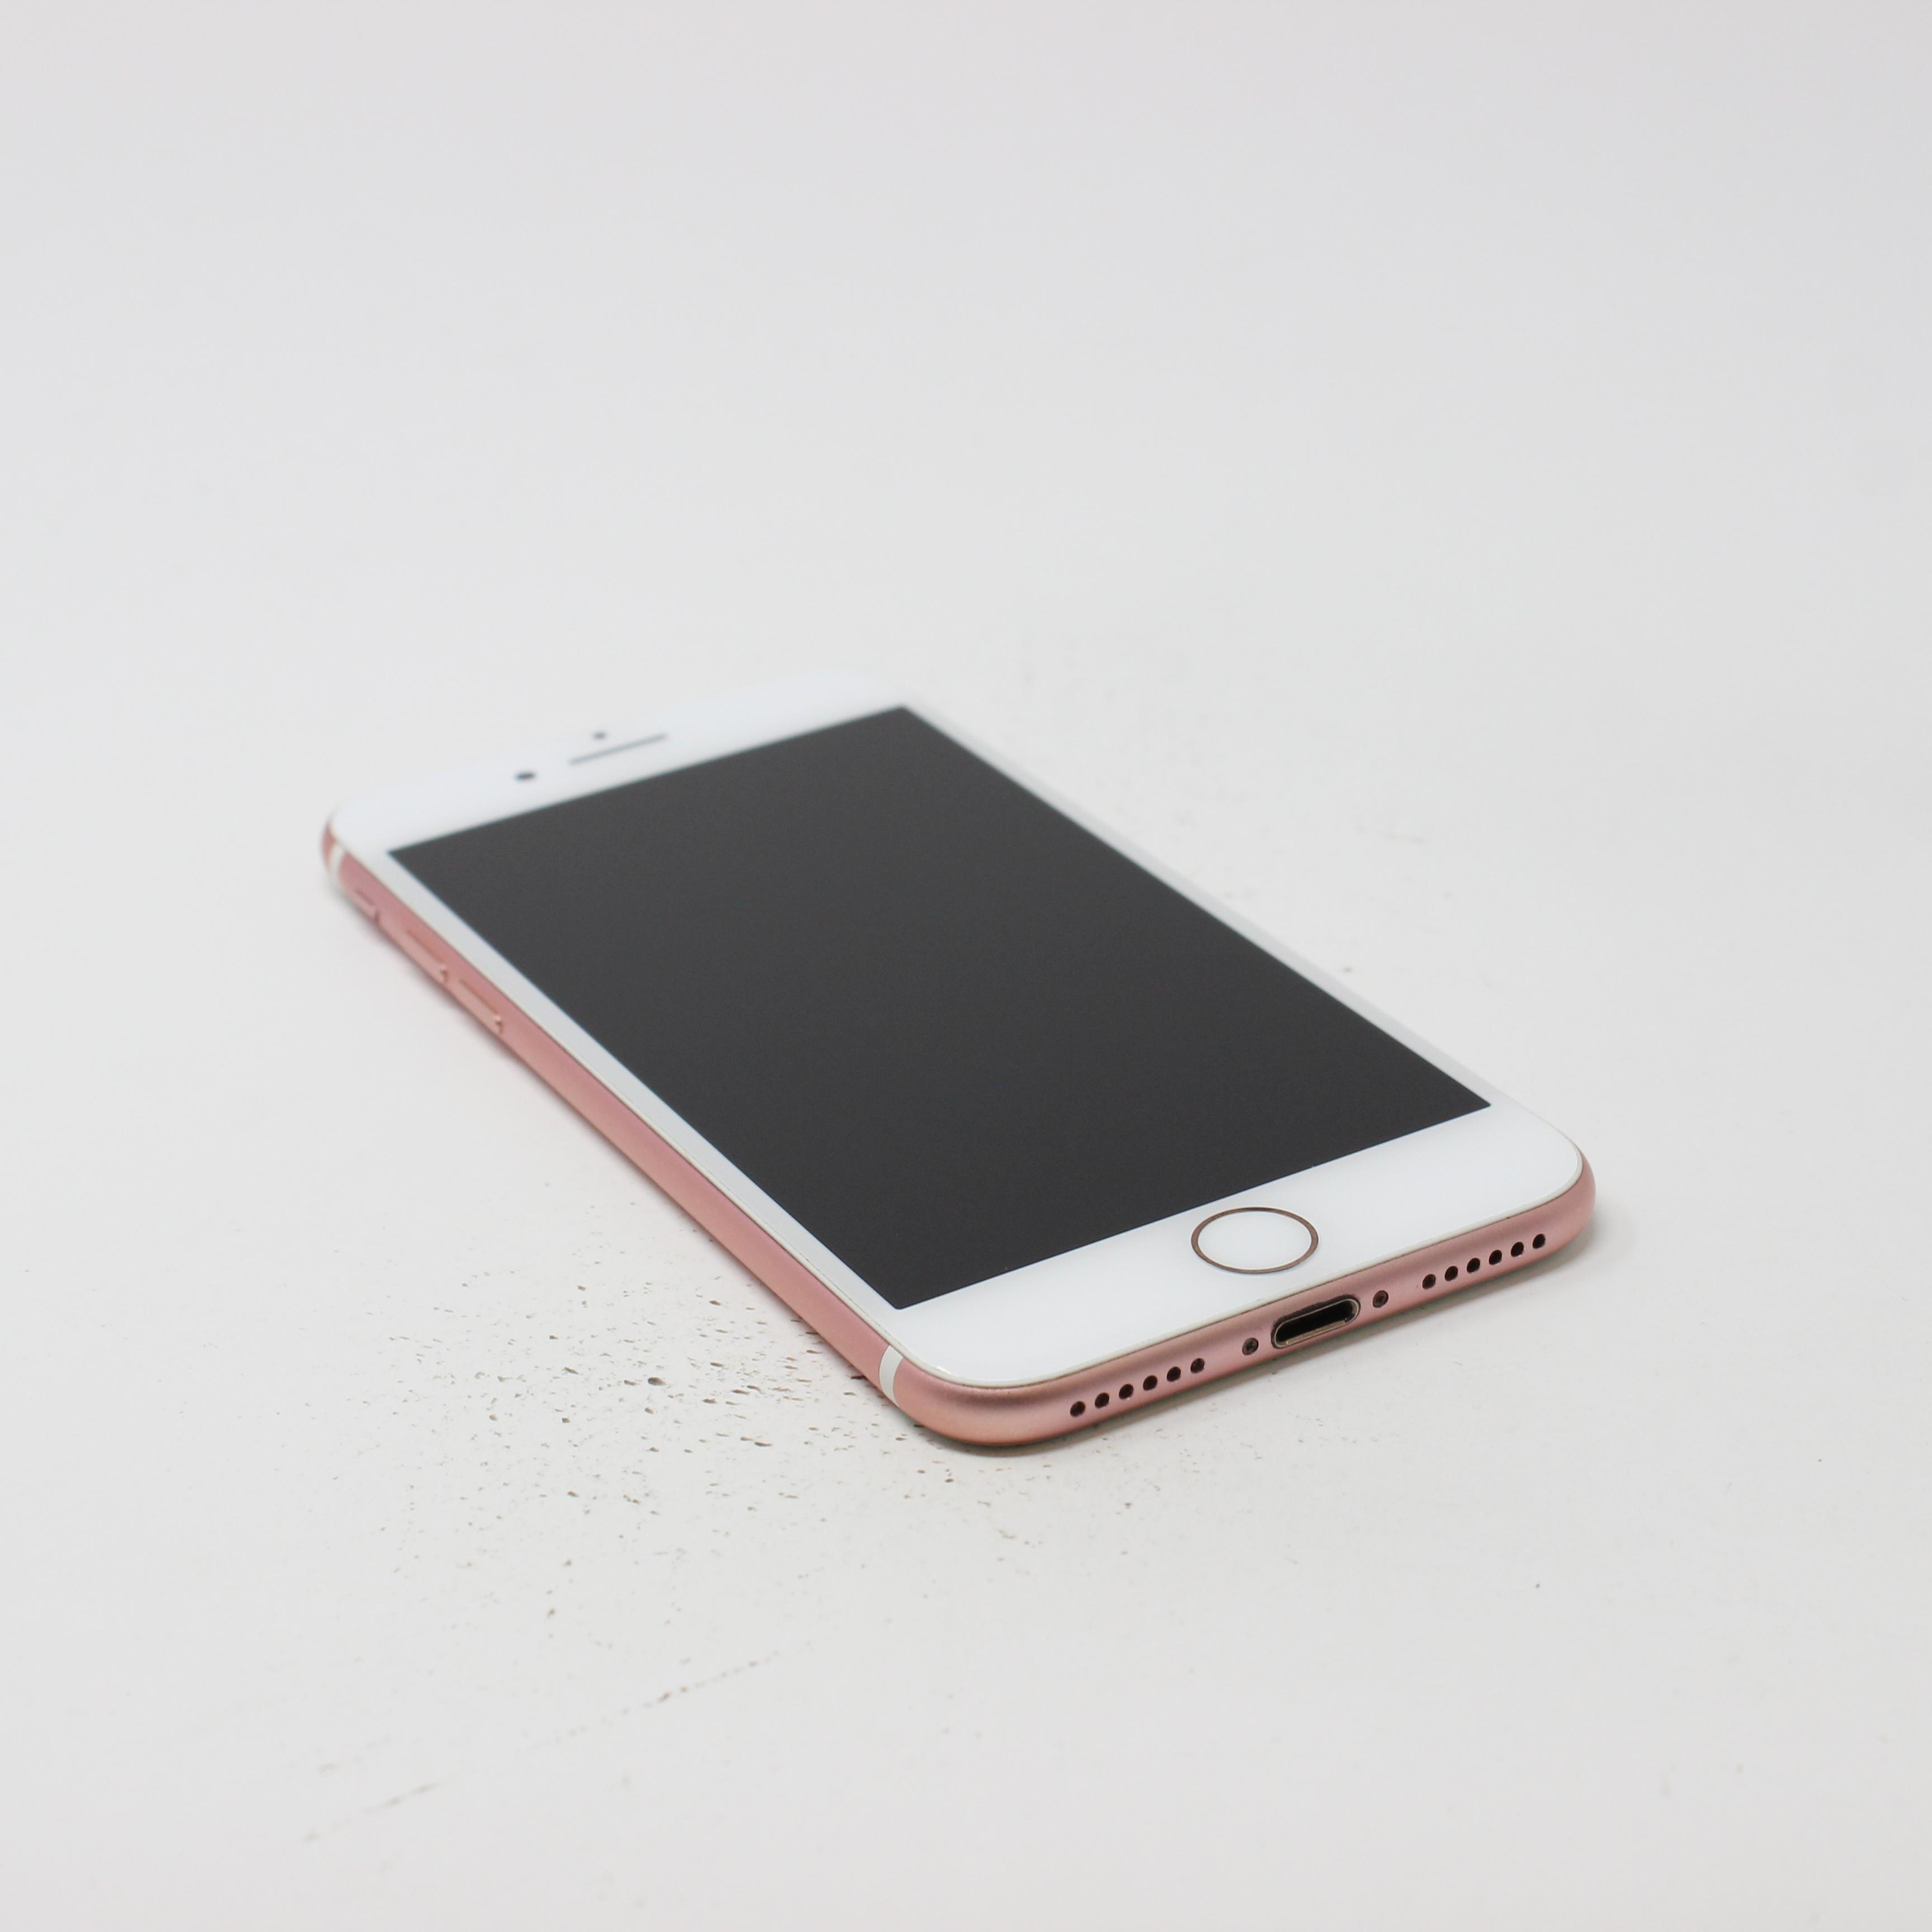 iPhone 7 32GB Rose Gold - AT&T photo 5 | UpTradeit.com